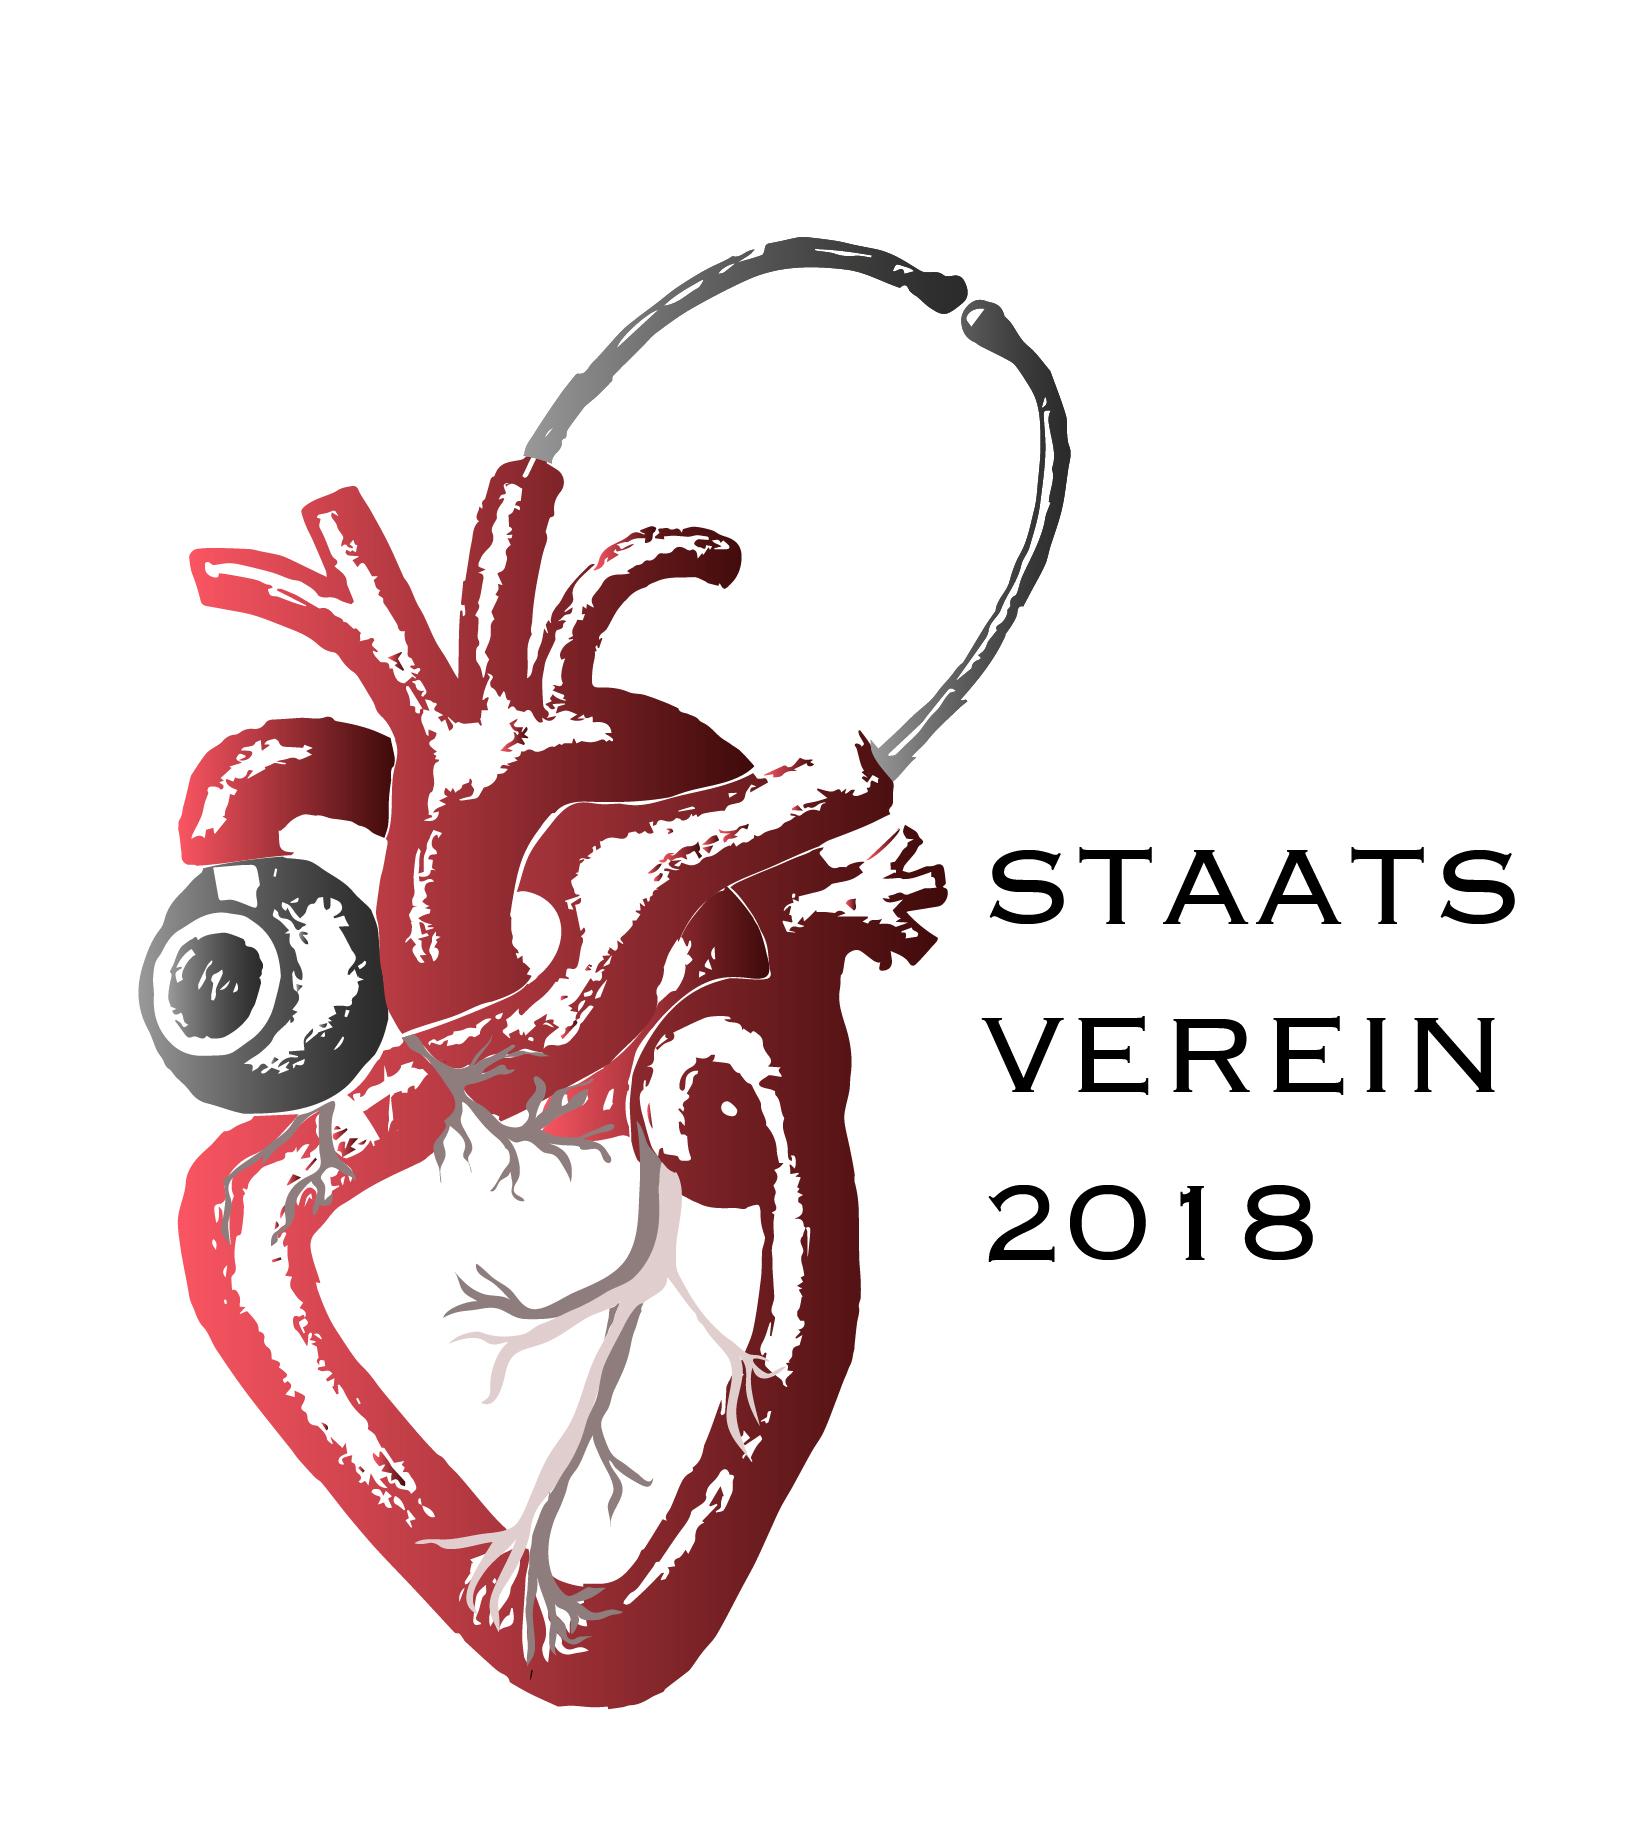 Jahrbuch | Staatsverein 2018 der Medizinischen Fakultät Zürich